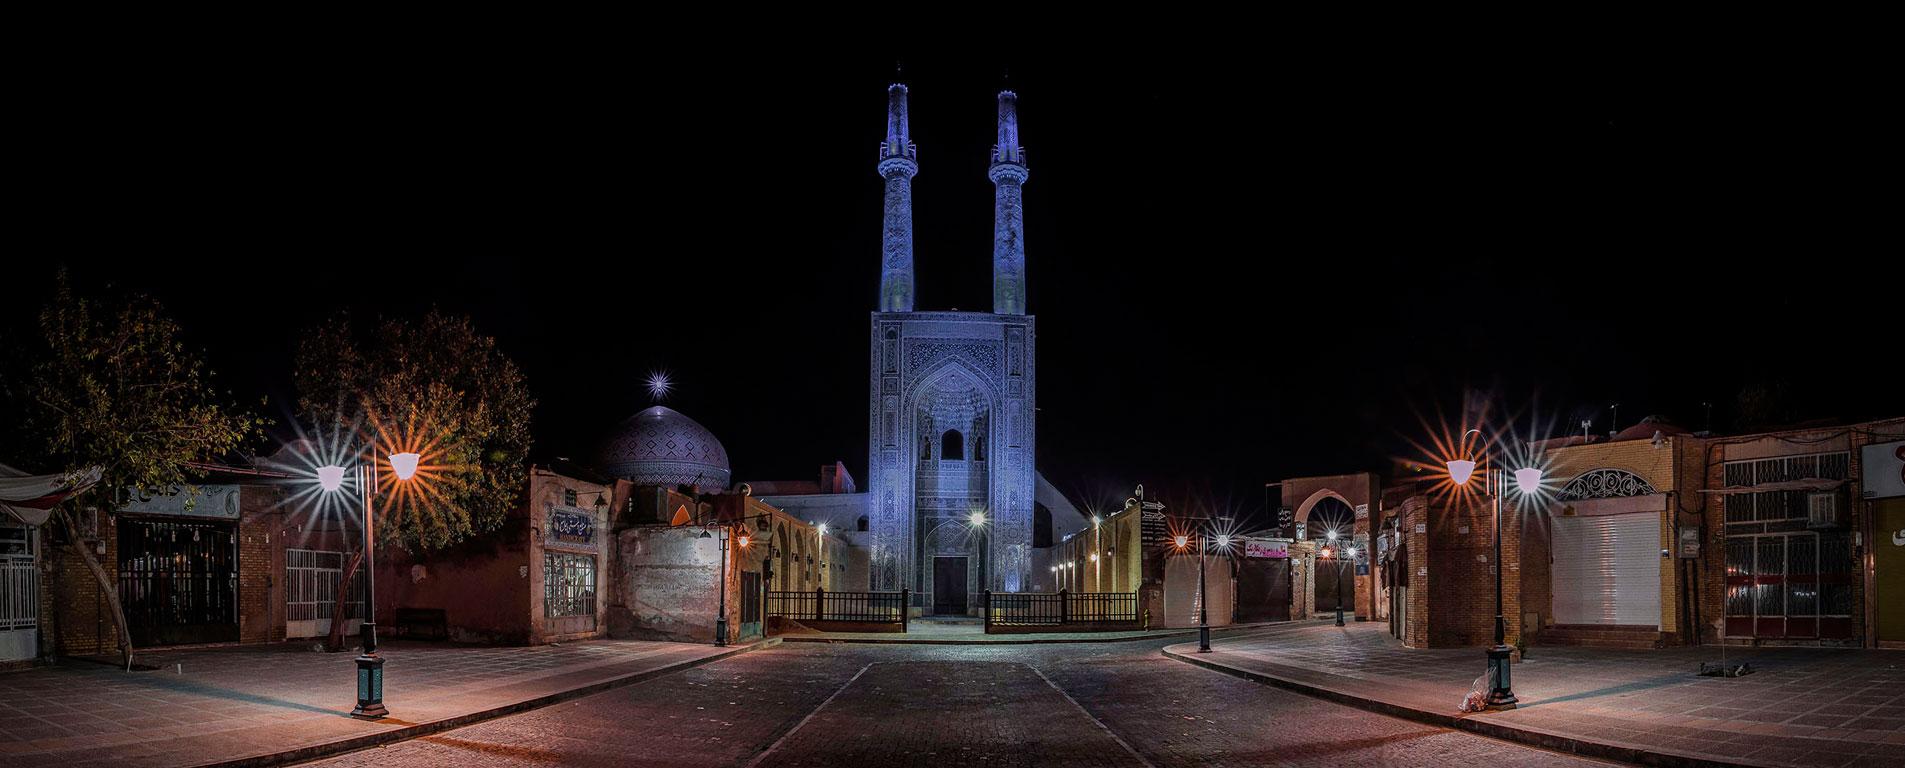 مسجد جامع یزد ، عبادتگاهی با بلندترین منارهی جهان